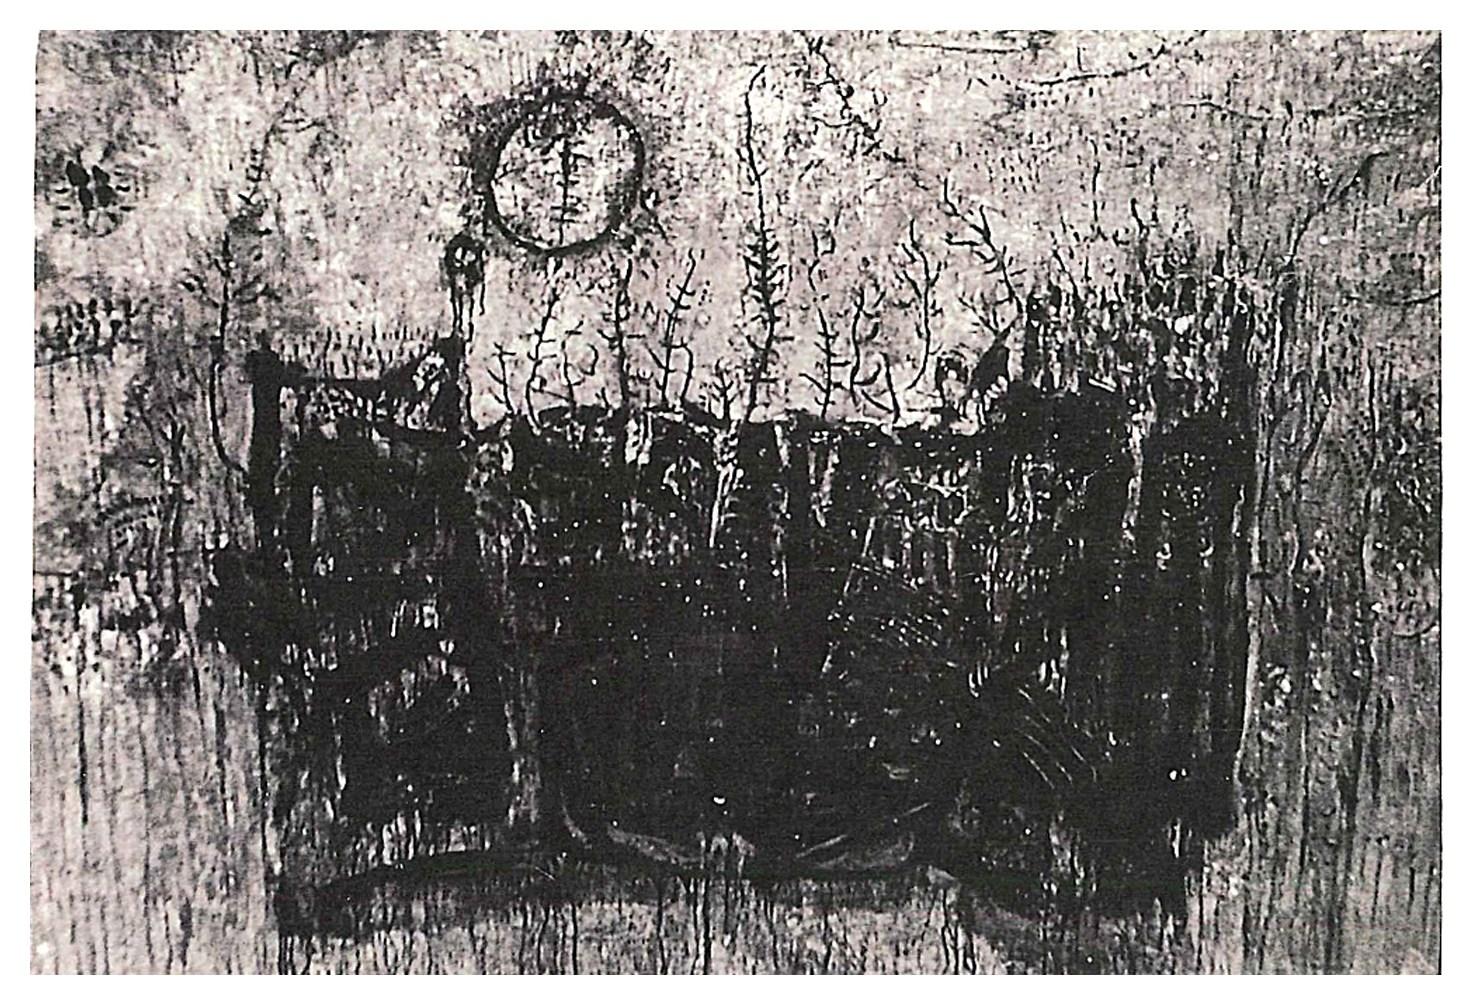 淨化之夜 Transfigured Nigh 1965 油彩、畫布 124cm x 178cm